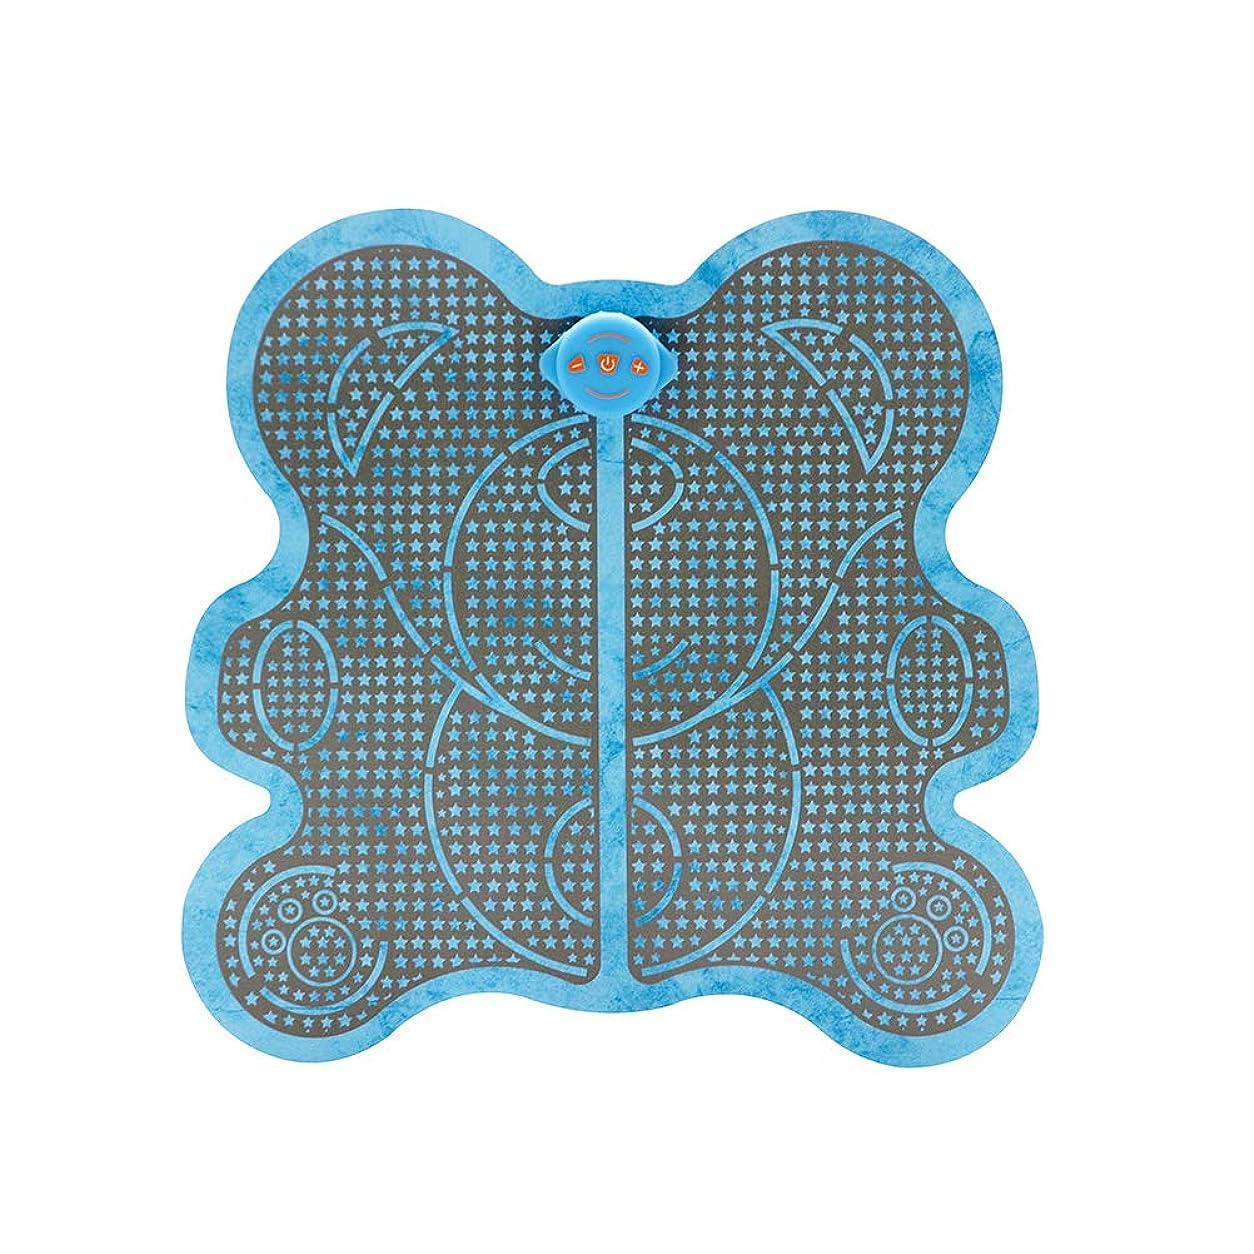 モチーフためにパワーセルSanwer フットマッサージャー EMS理学療法 フットマッサージクッション 足裏マッサージ機 フットマッサージャー 足指圧マッサージマット EMSリモートコントロール マッサージマット EMSフットマッサージャー 足刺激装置 EMSフットマッサージャークッション 調整可能 電動足裏マッサージ 筋肉刺激 血液循環